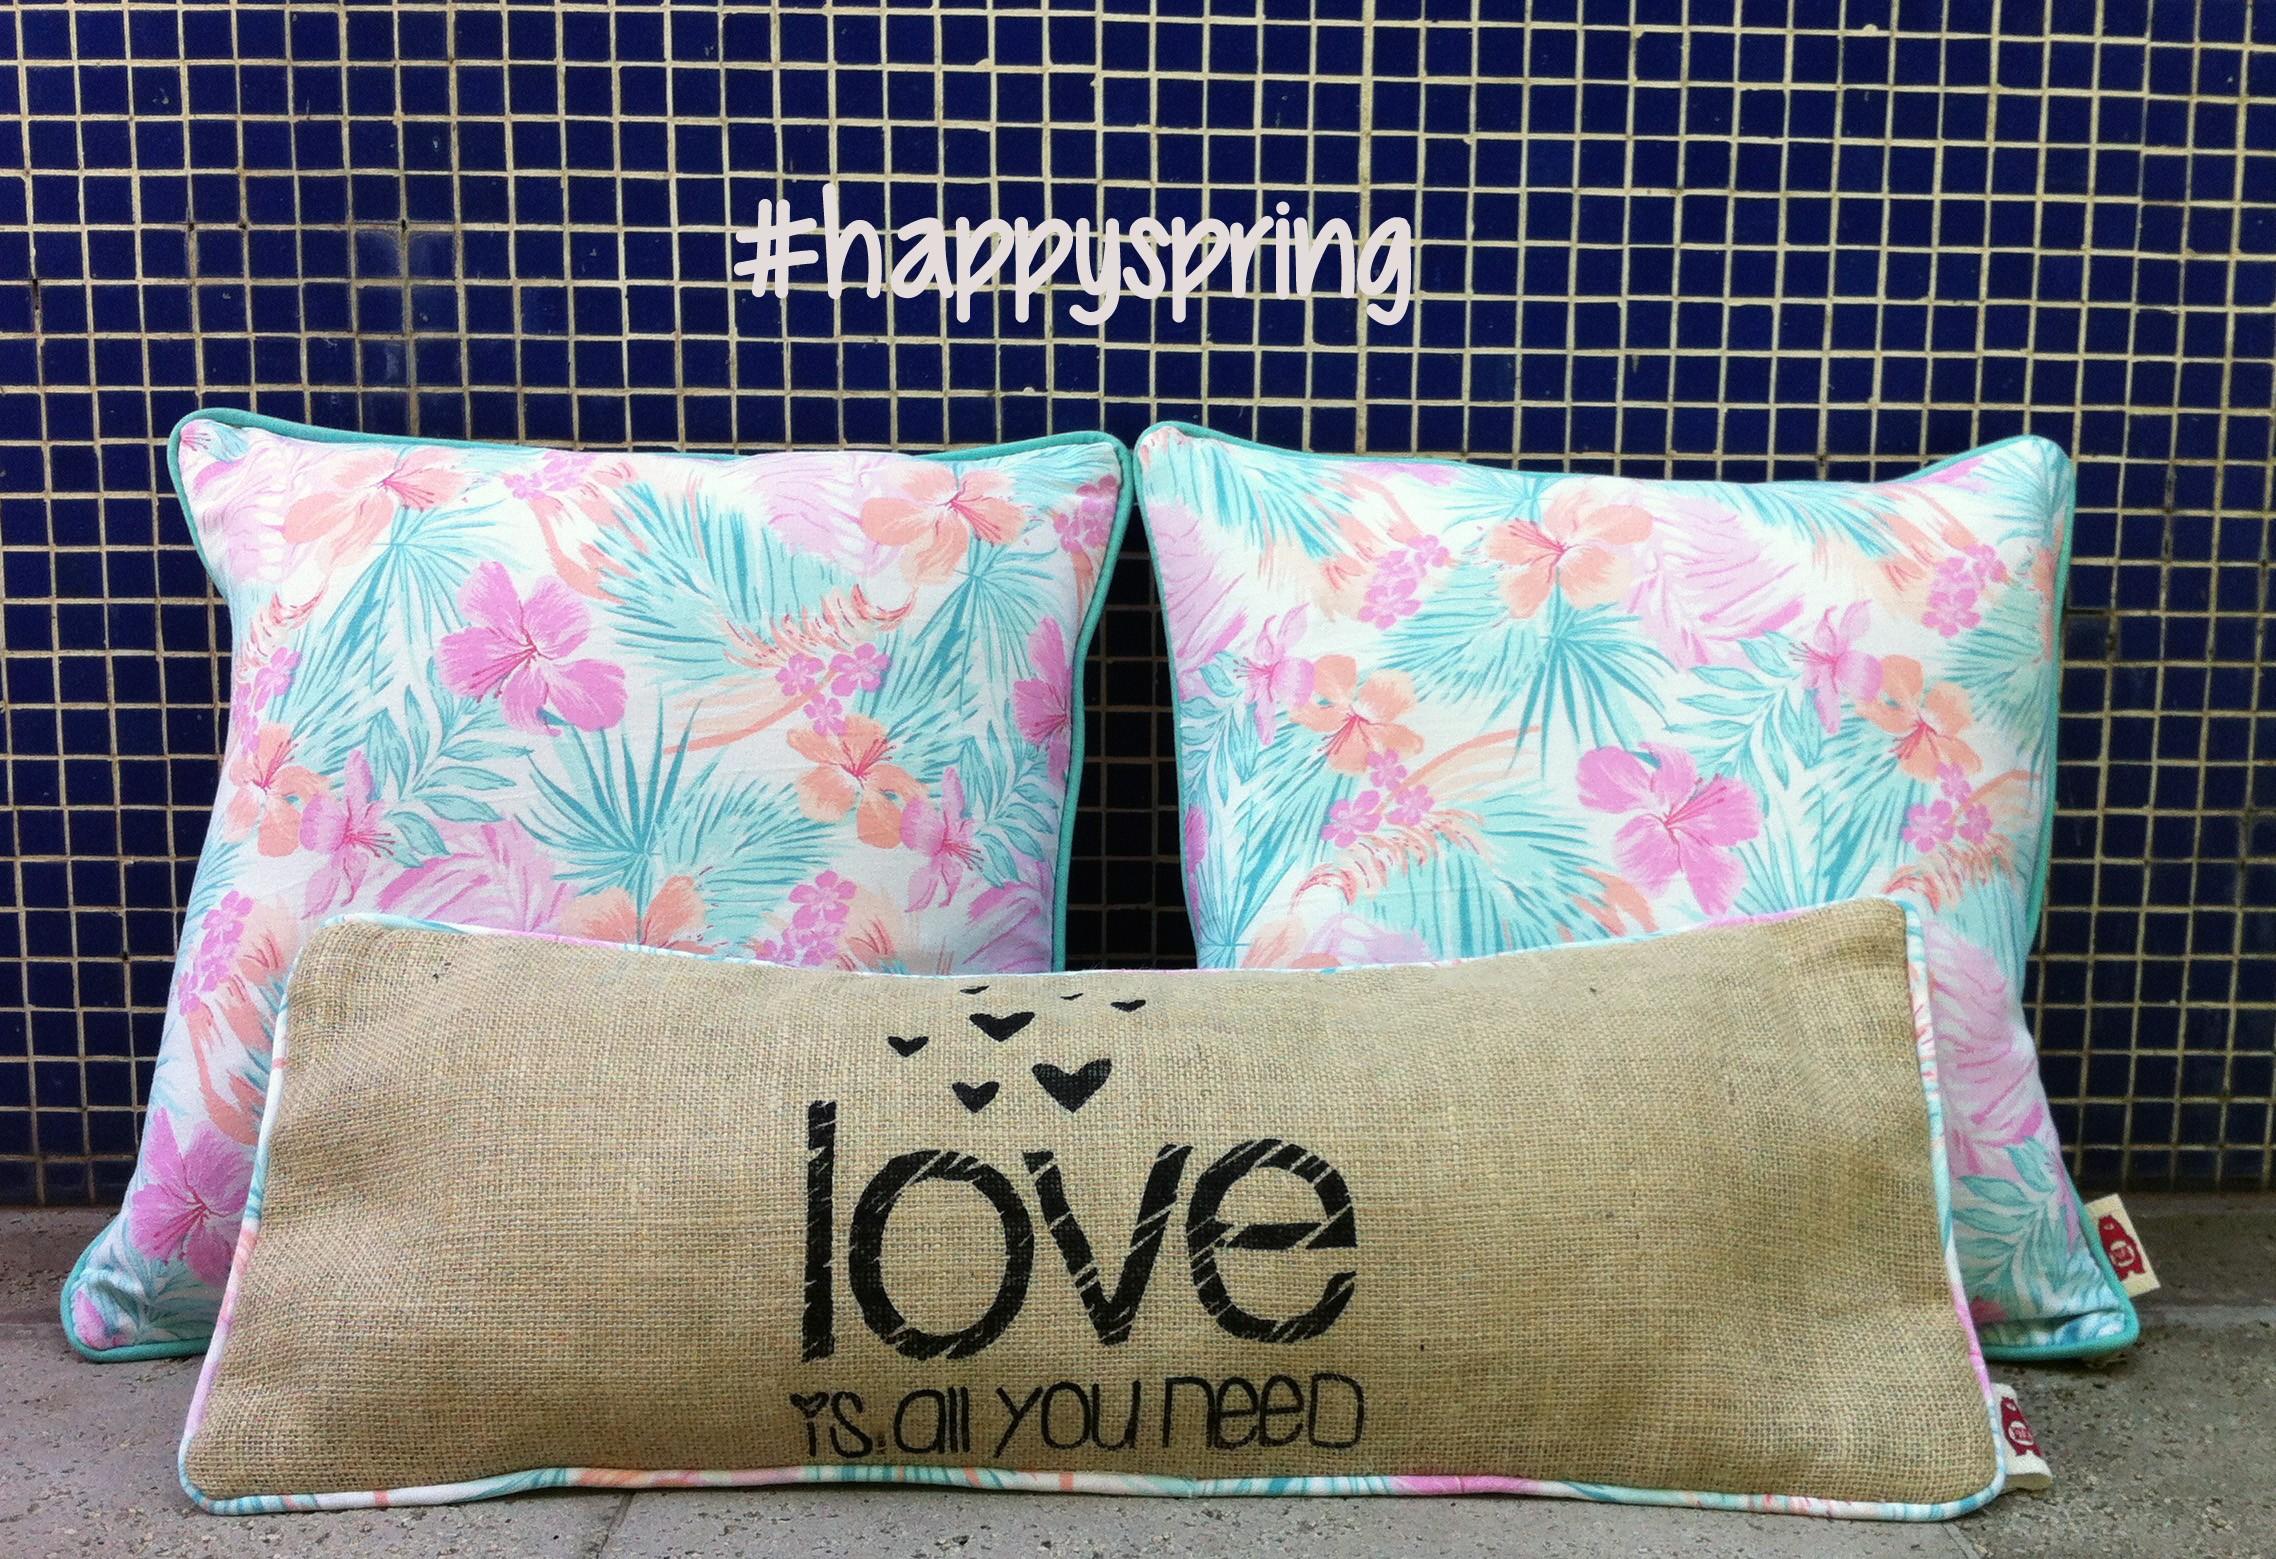 Colección primavera/verano de almohadones originales de Soy de Plush. Estampados florales, frases y mucha dedicación en cada almohadón!